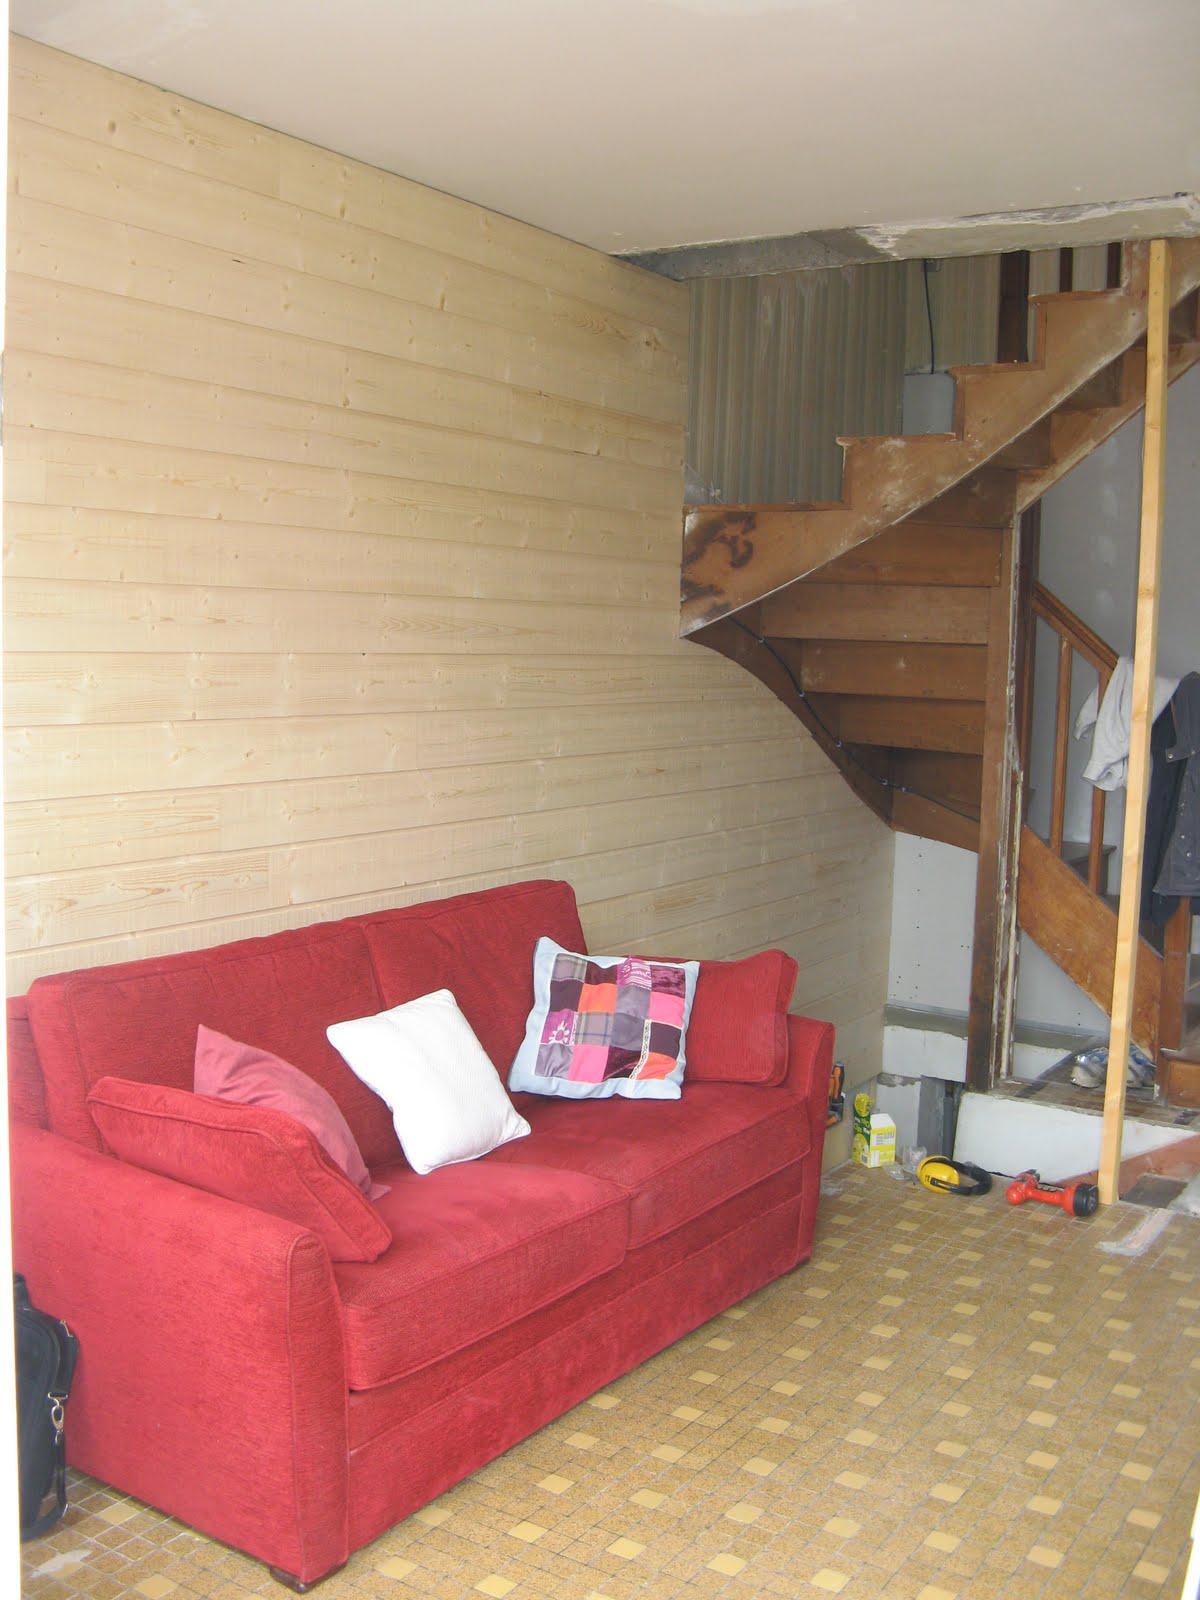 Le blog d 39 elodie salon mur en lambris for Lambris salon